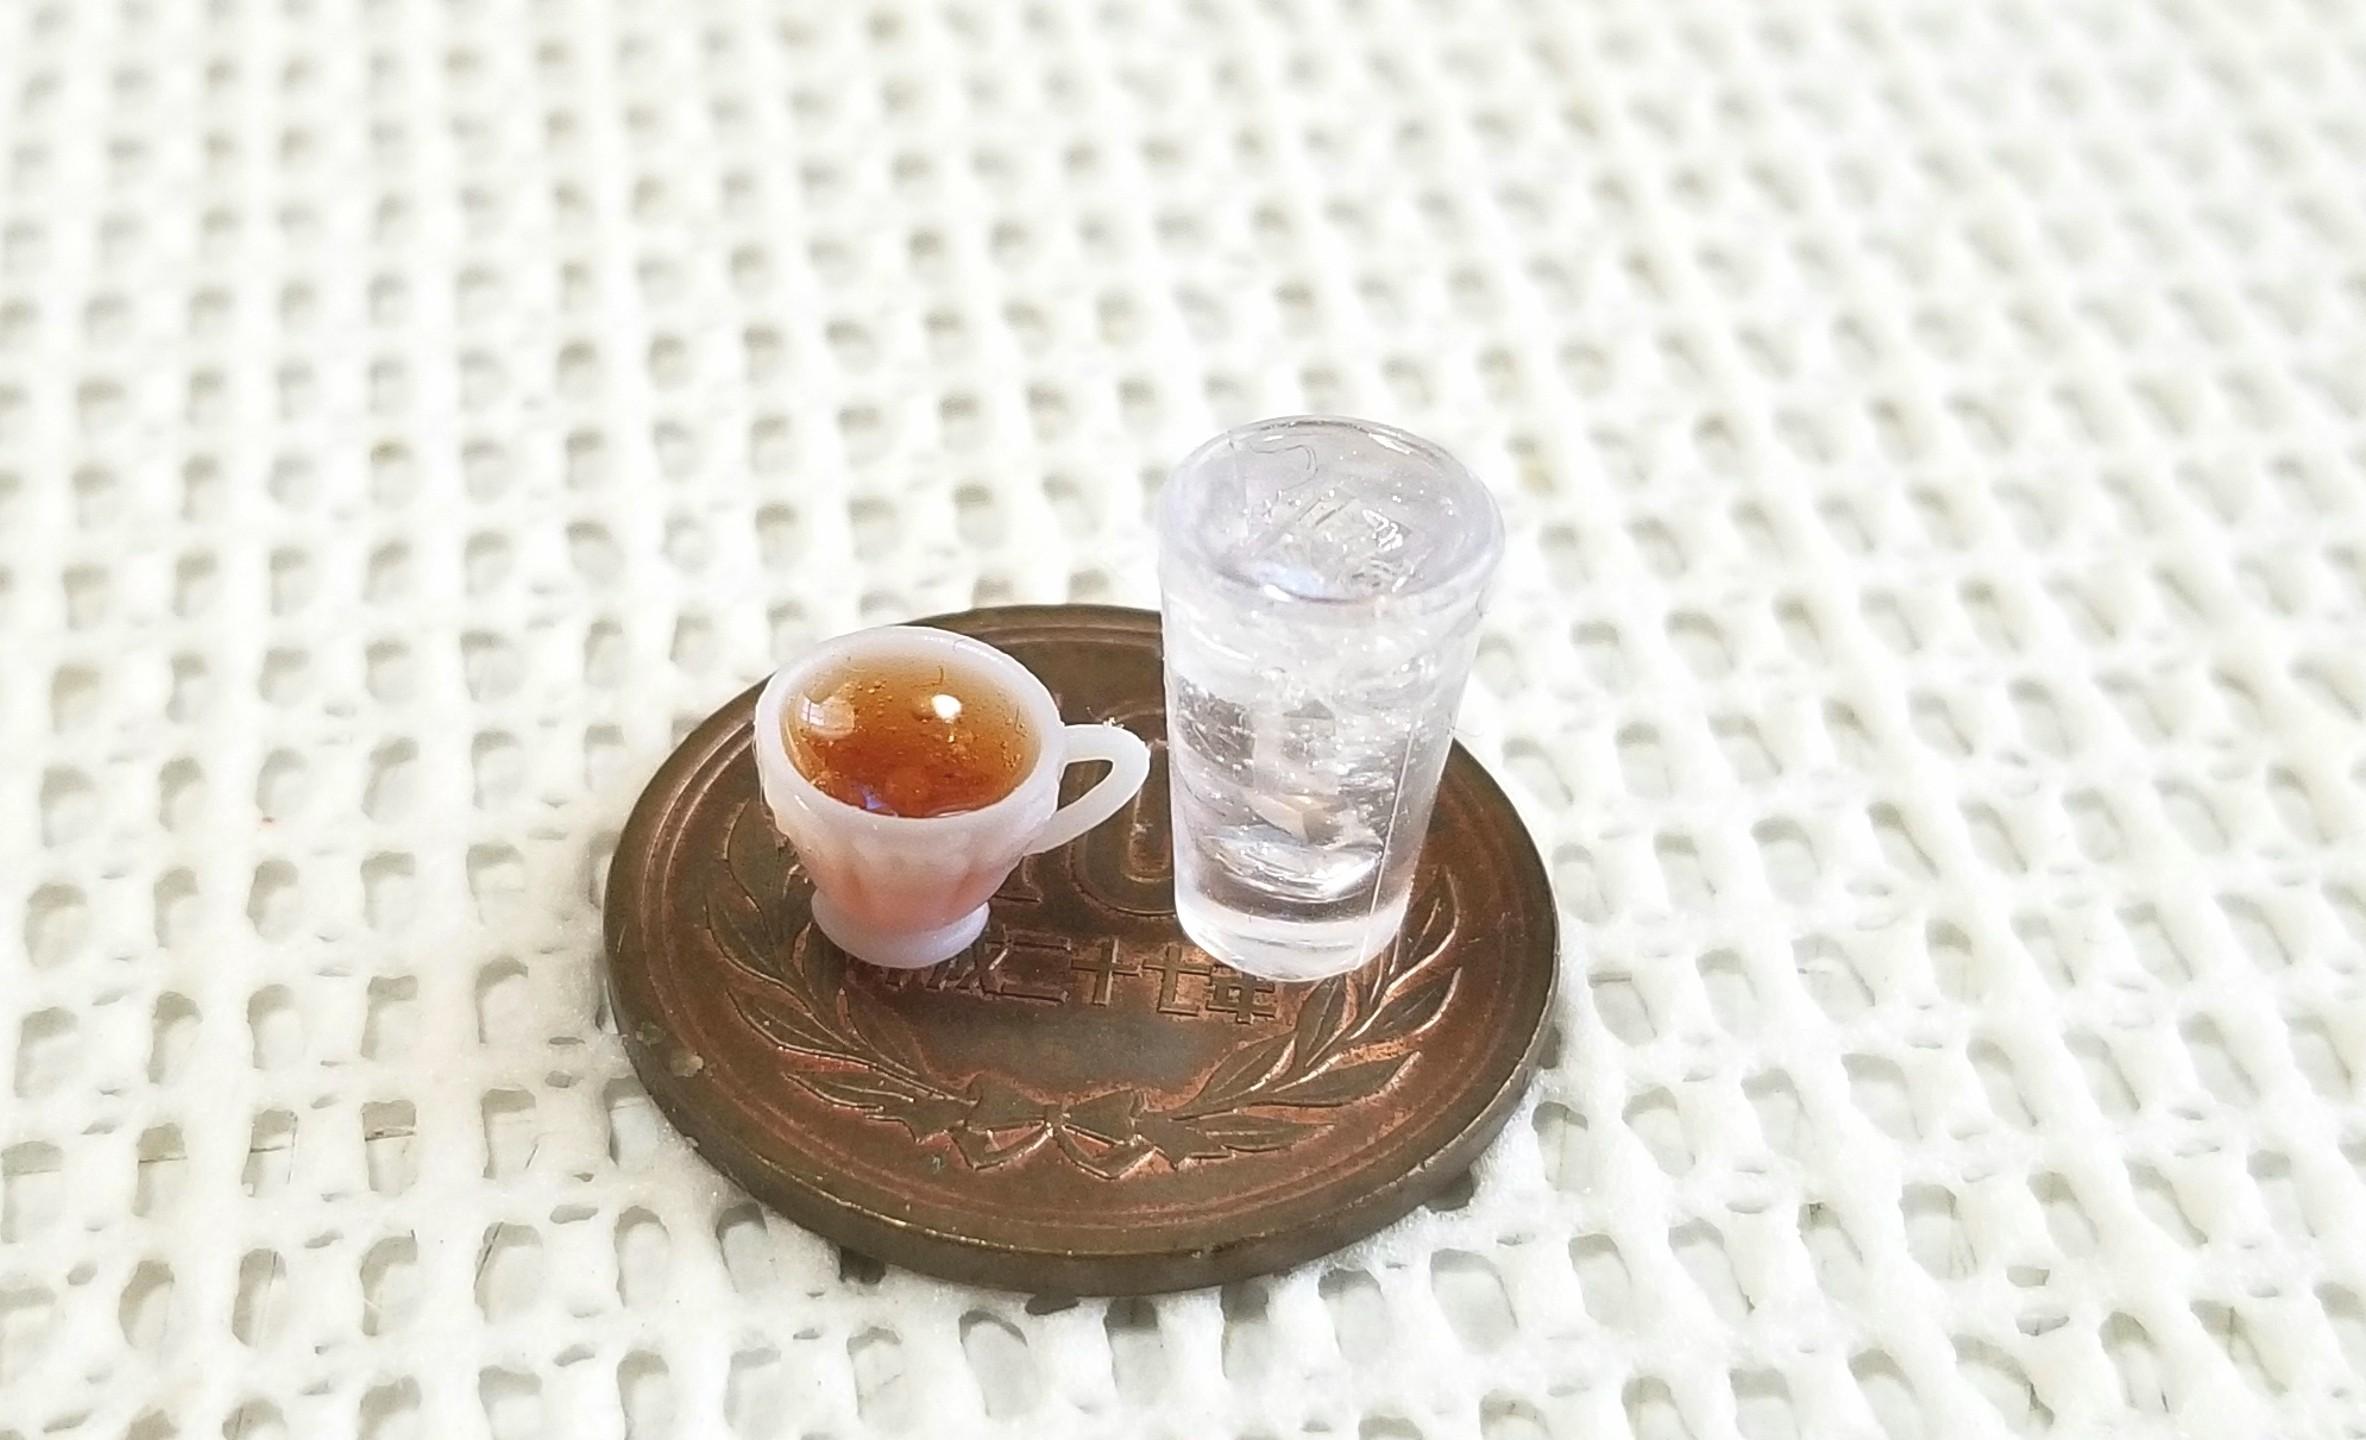 ミニチュア, ドリンク, 水, 紅茶, UVレジン, 食品サンプル